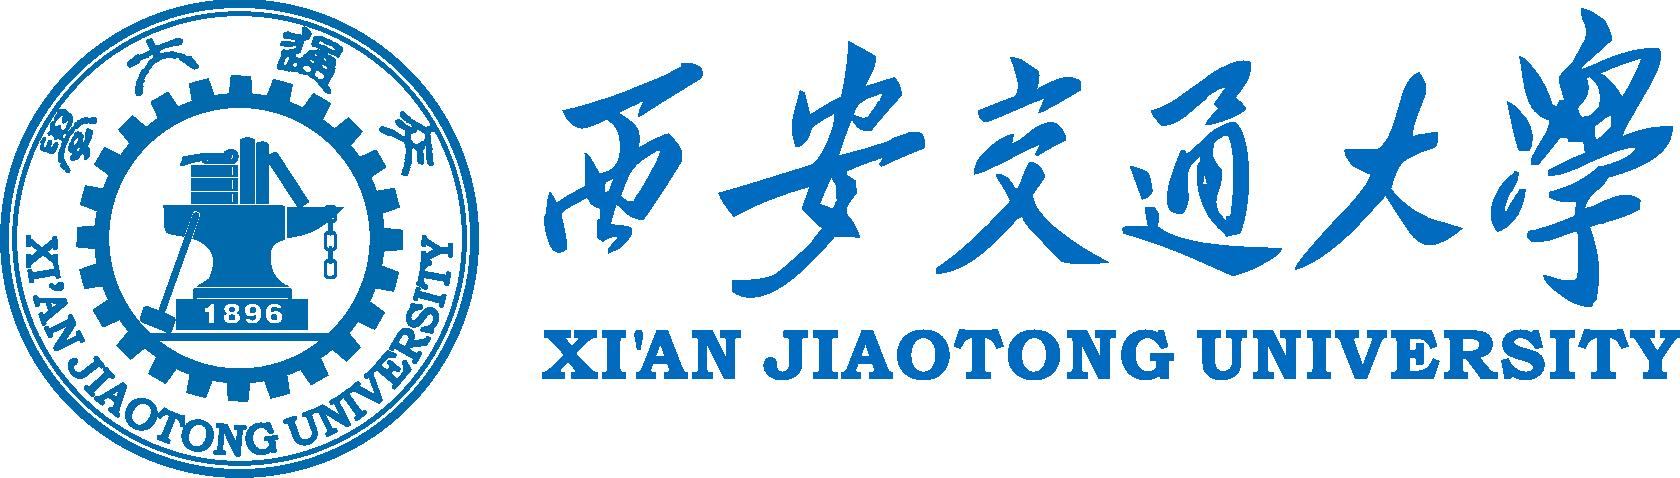 xianjiaotongu